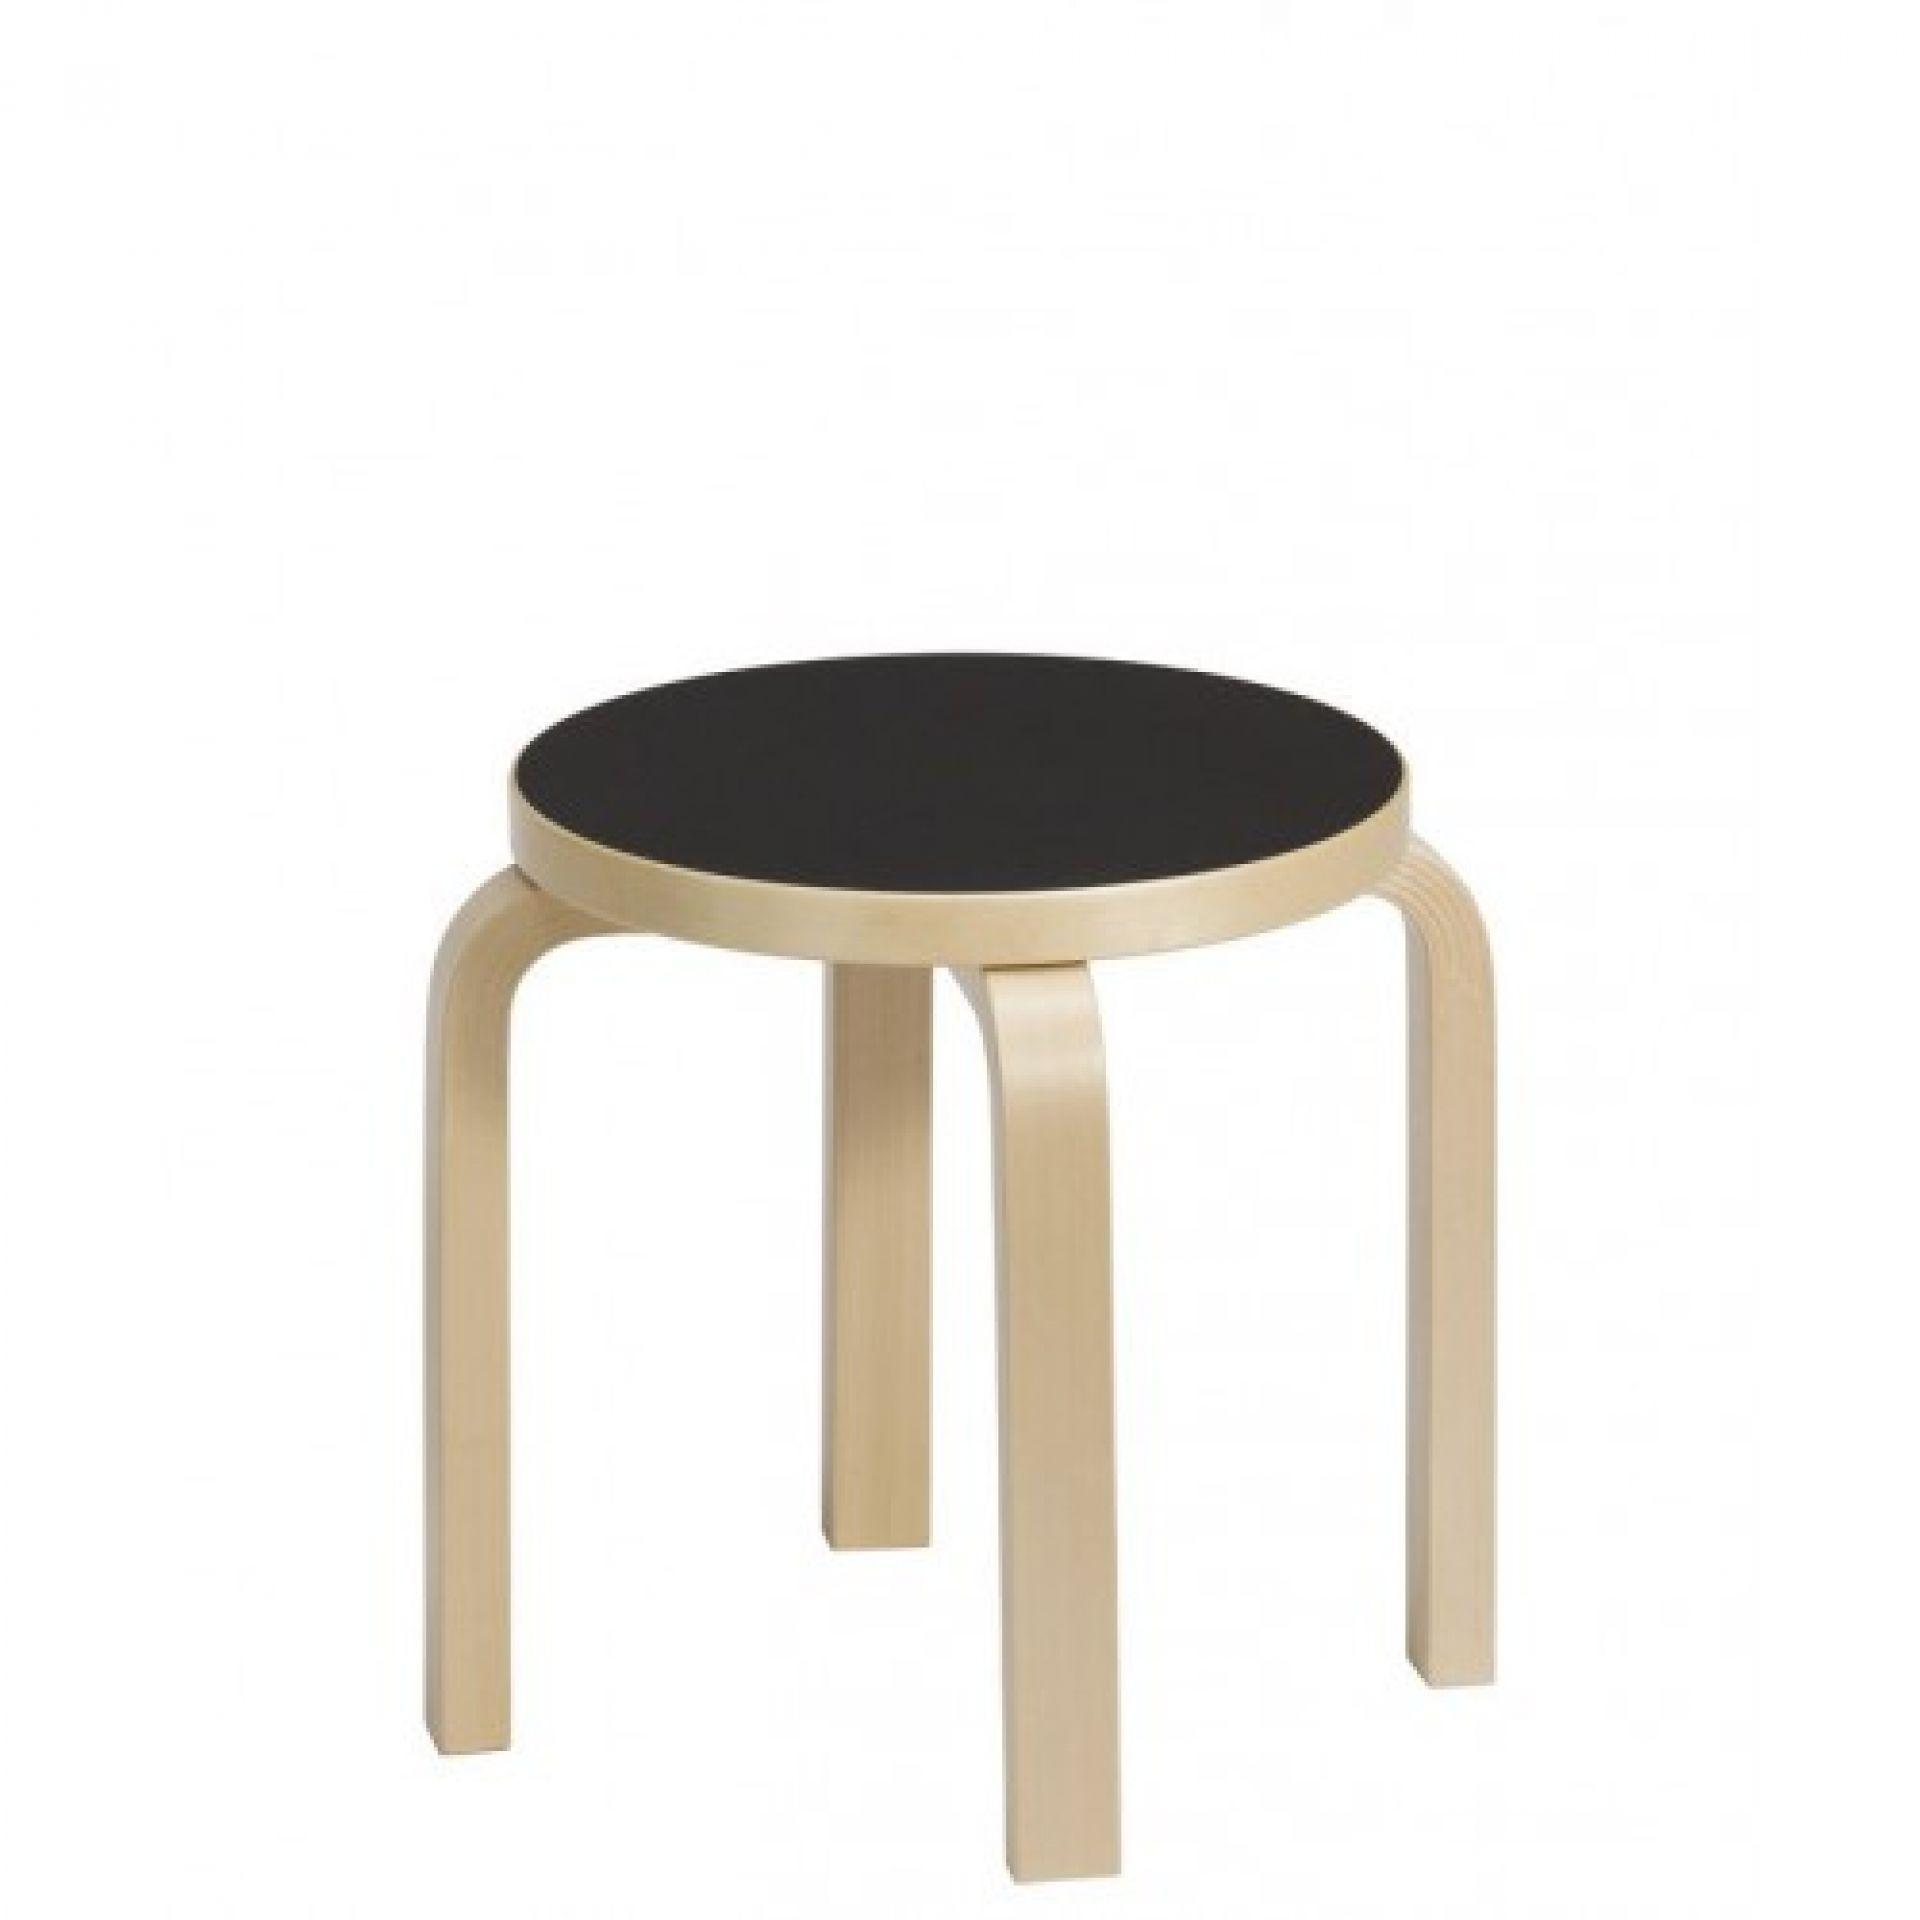 NE60 children stool Artek